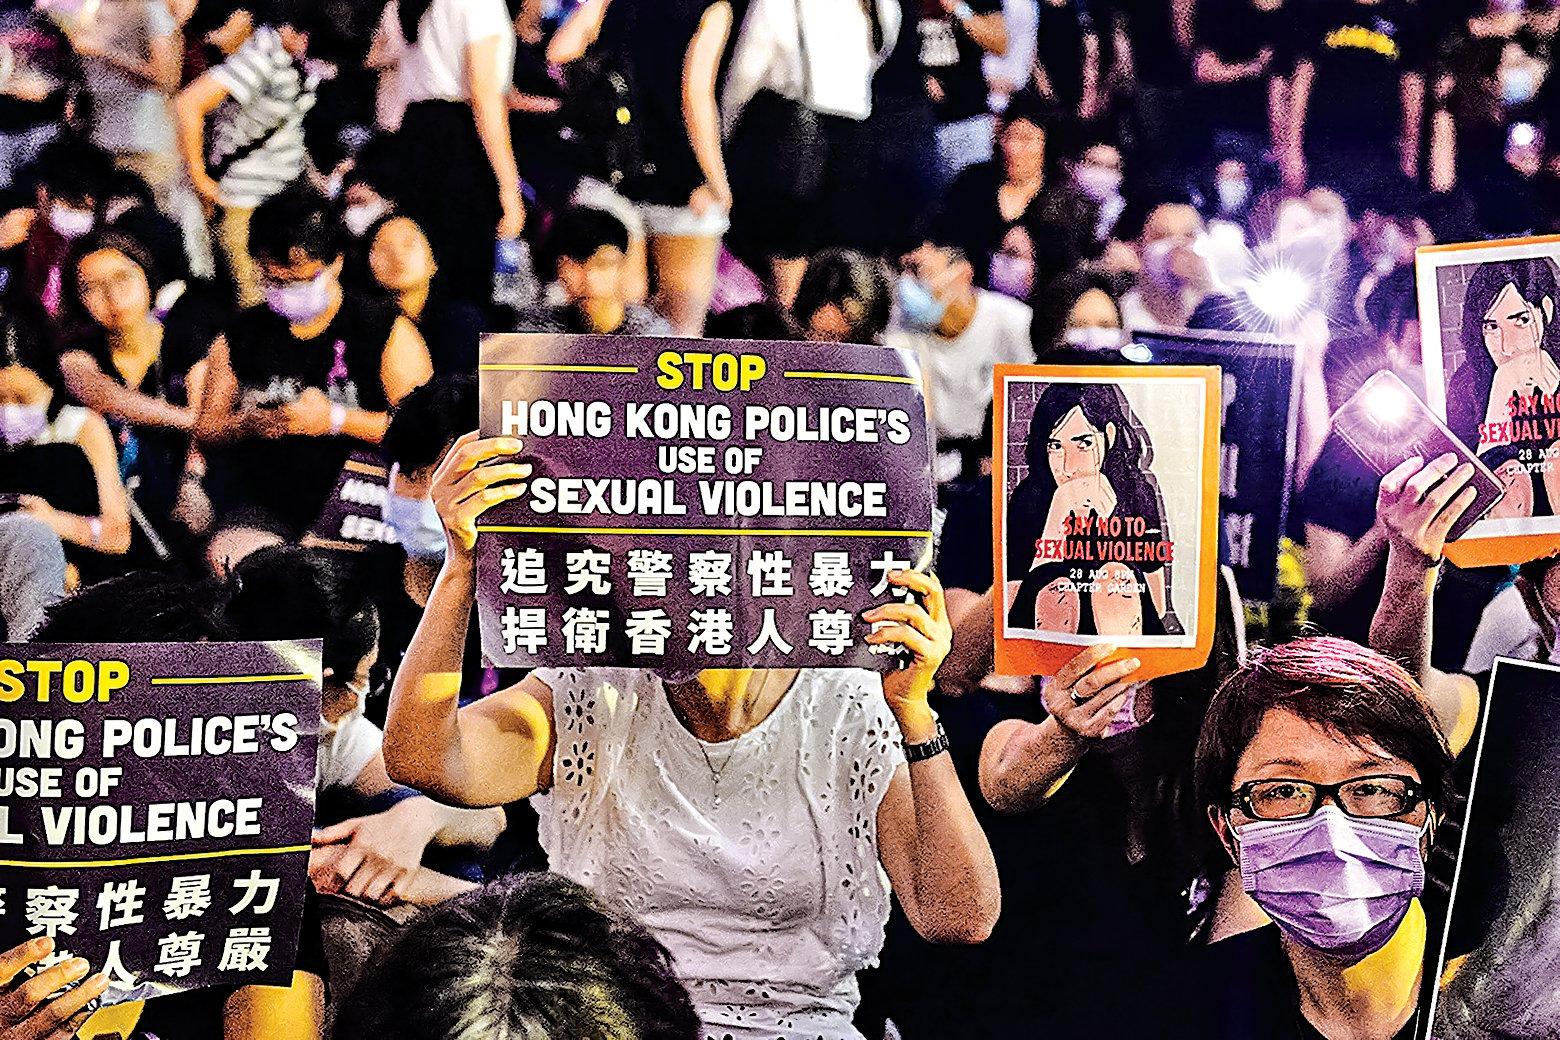 2019年8月28日晚上8時,香港人在中環遮打花園舉行Me Too集會,抗議警方濫暴和施行性暴力。(宋碧龍/大紀元)